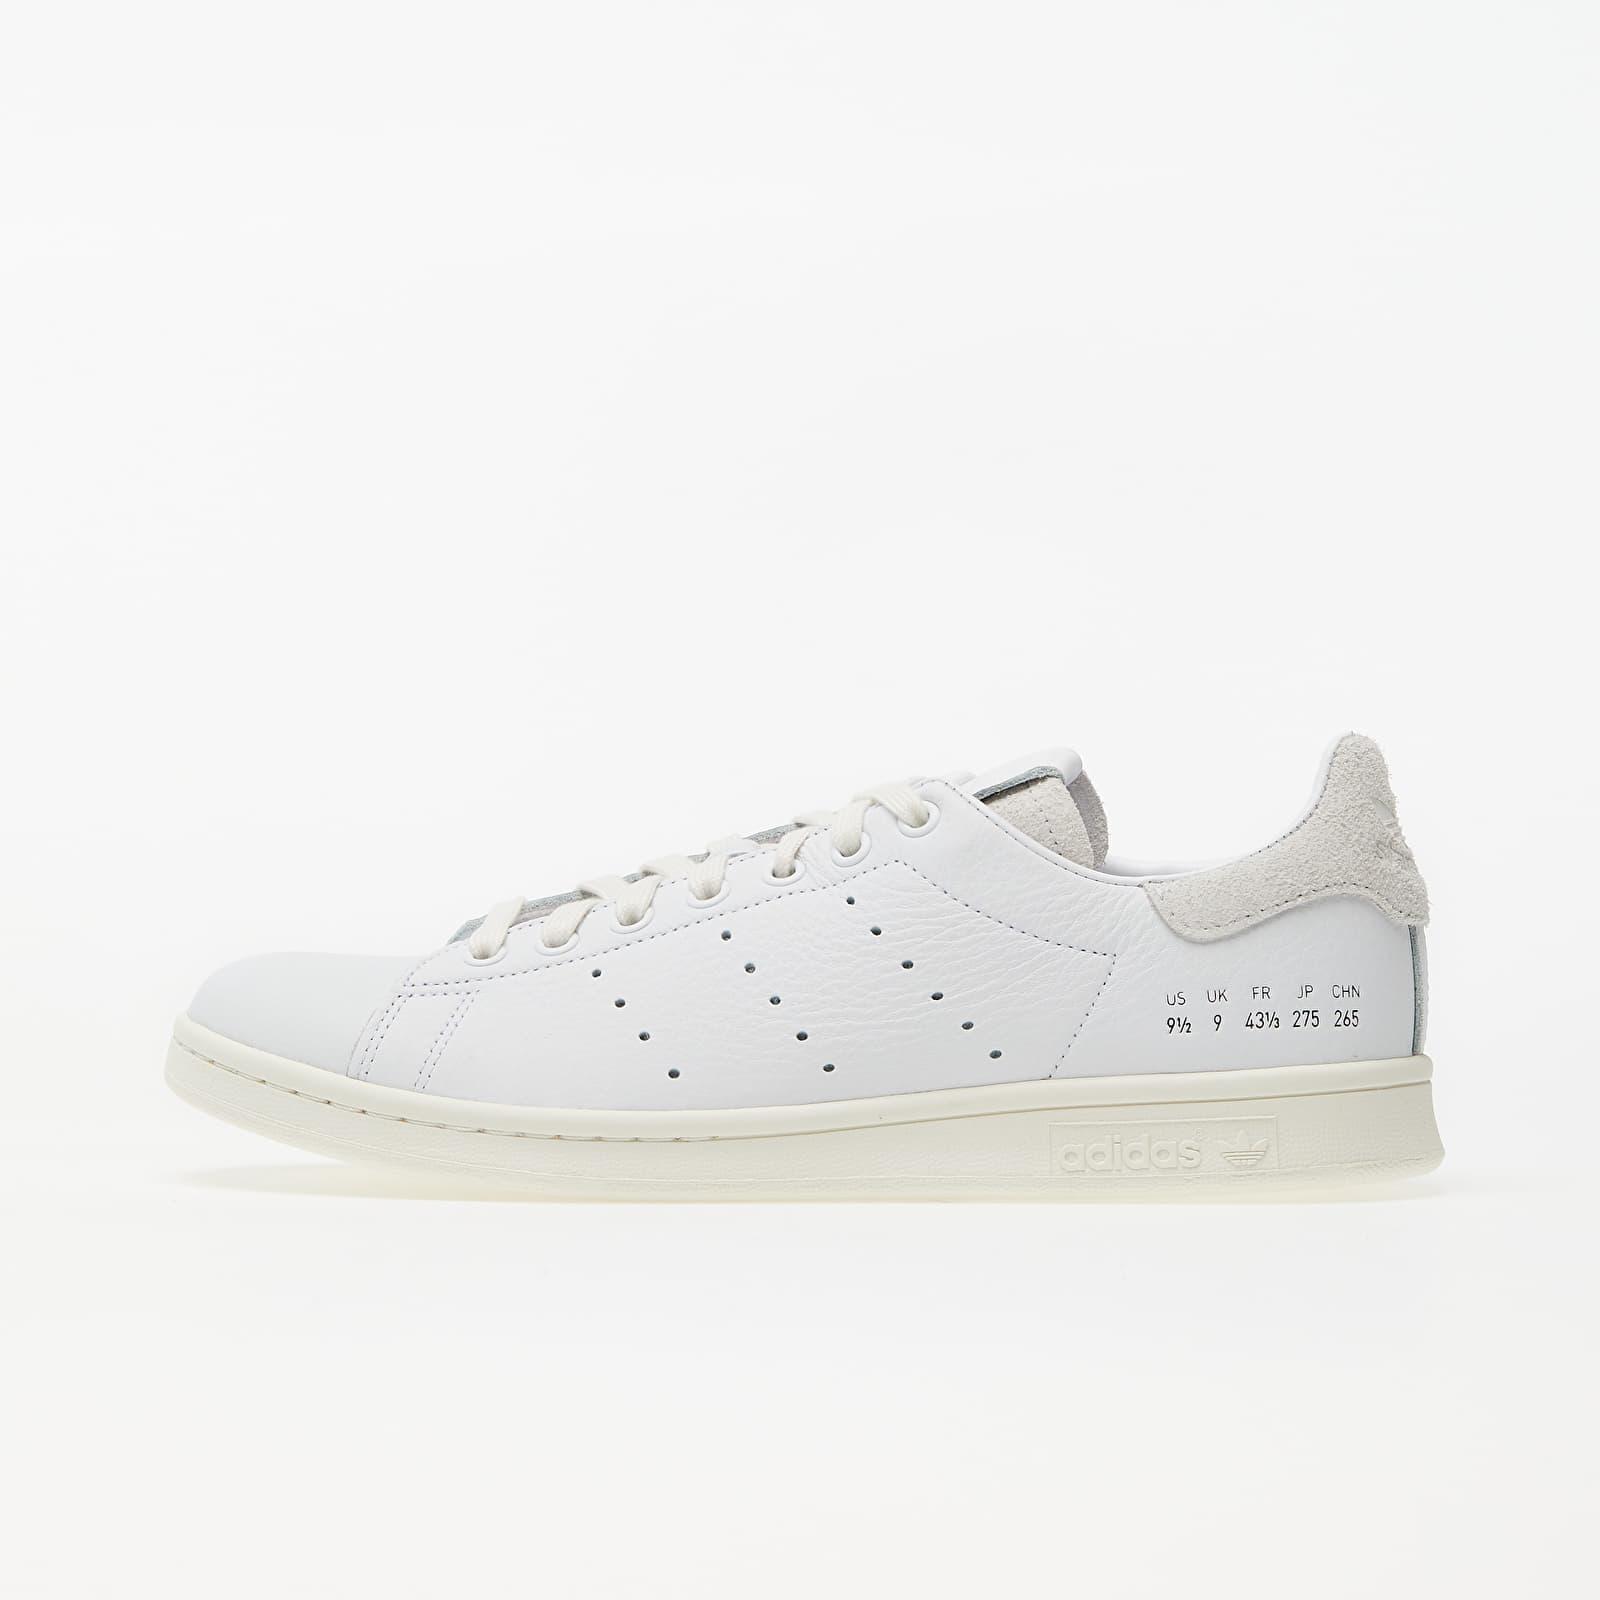 Pánske tenisky a topánky adidas Stan Smith Ftw White/ Crystal White/ Off White